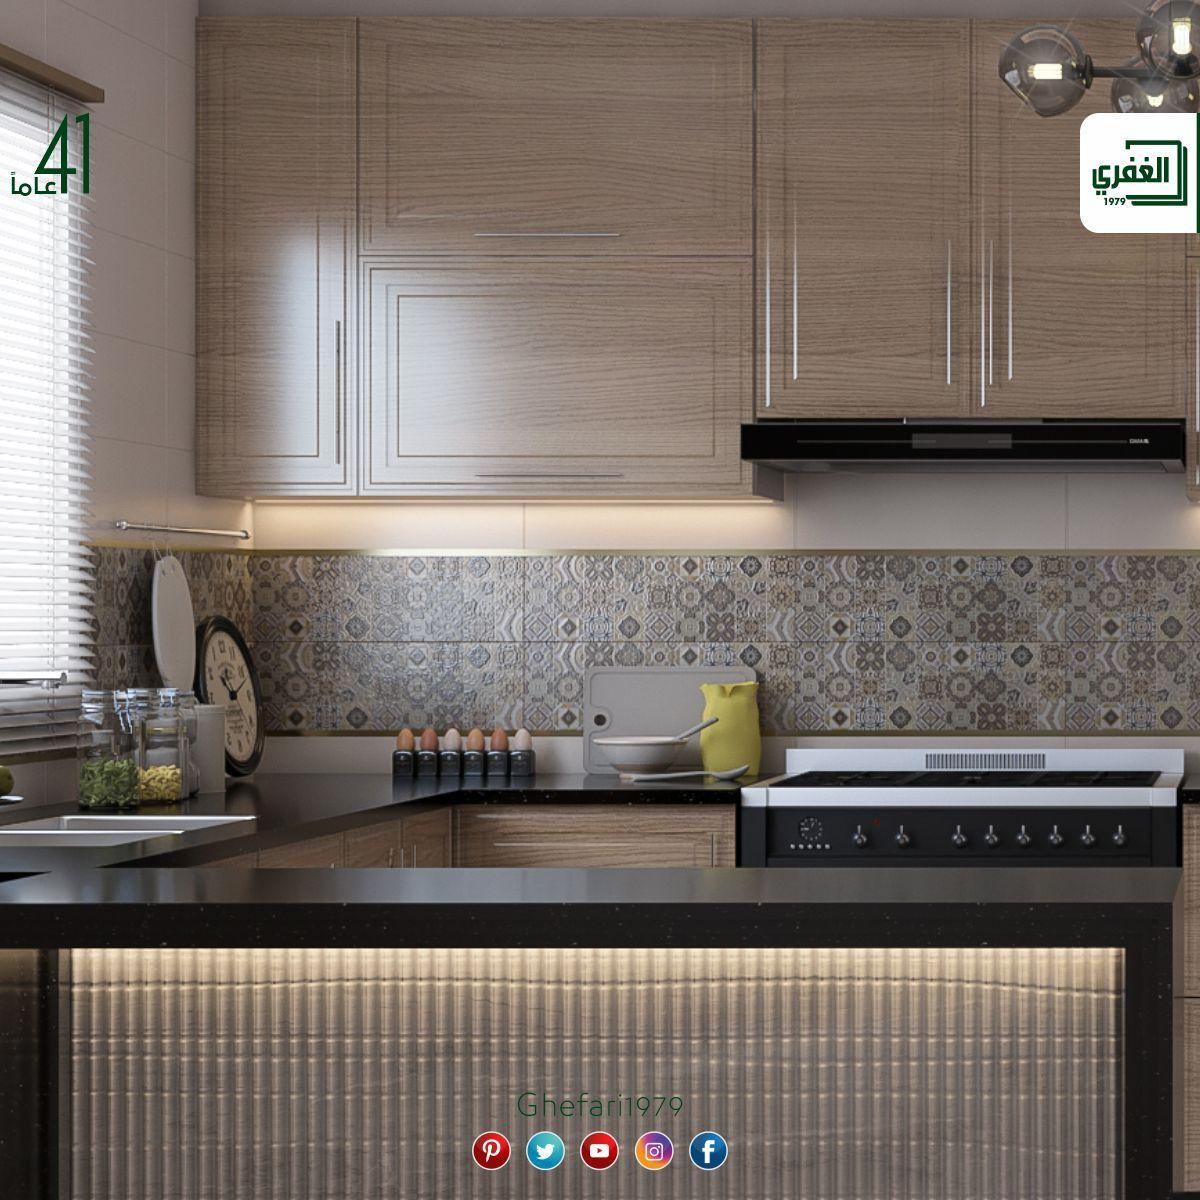 بلاط أسباني ديكور للاستخدام داخل الحمامات والمطابخ للمزيد زورونا على موقع الشركة Https Www Ghefari Com Ar Decor 20x60 وا Kitchen Cabinets Decor Kitchen